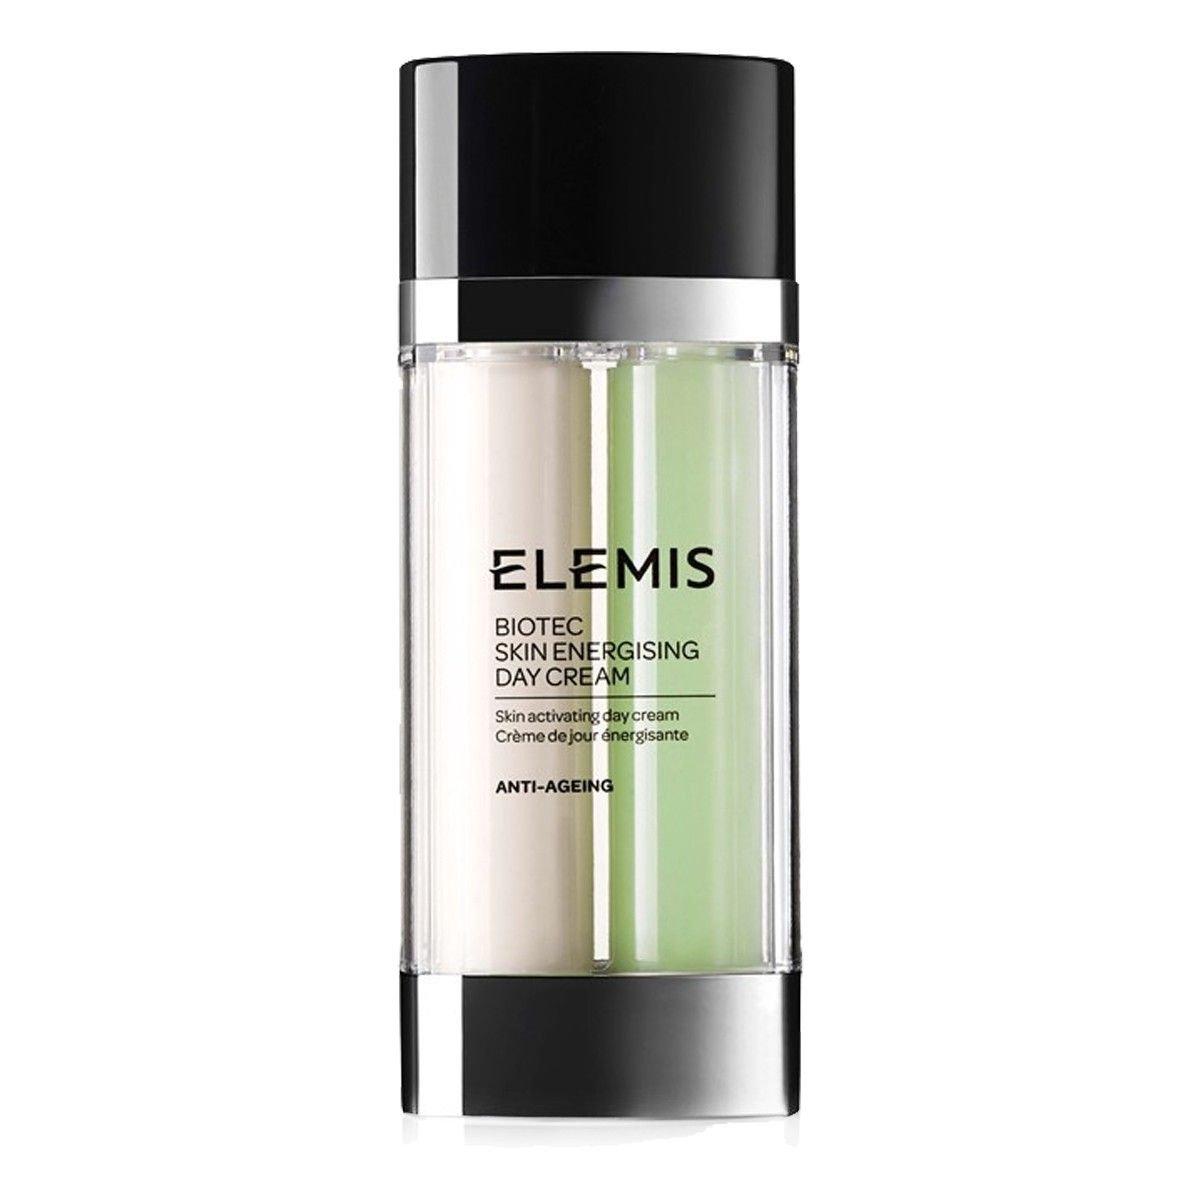 Afbeelding van Elemis BIOTEC Skin Energising Cream 30Ml Beauty